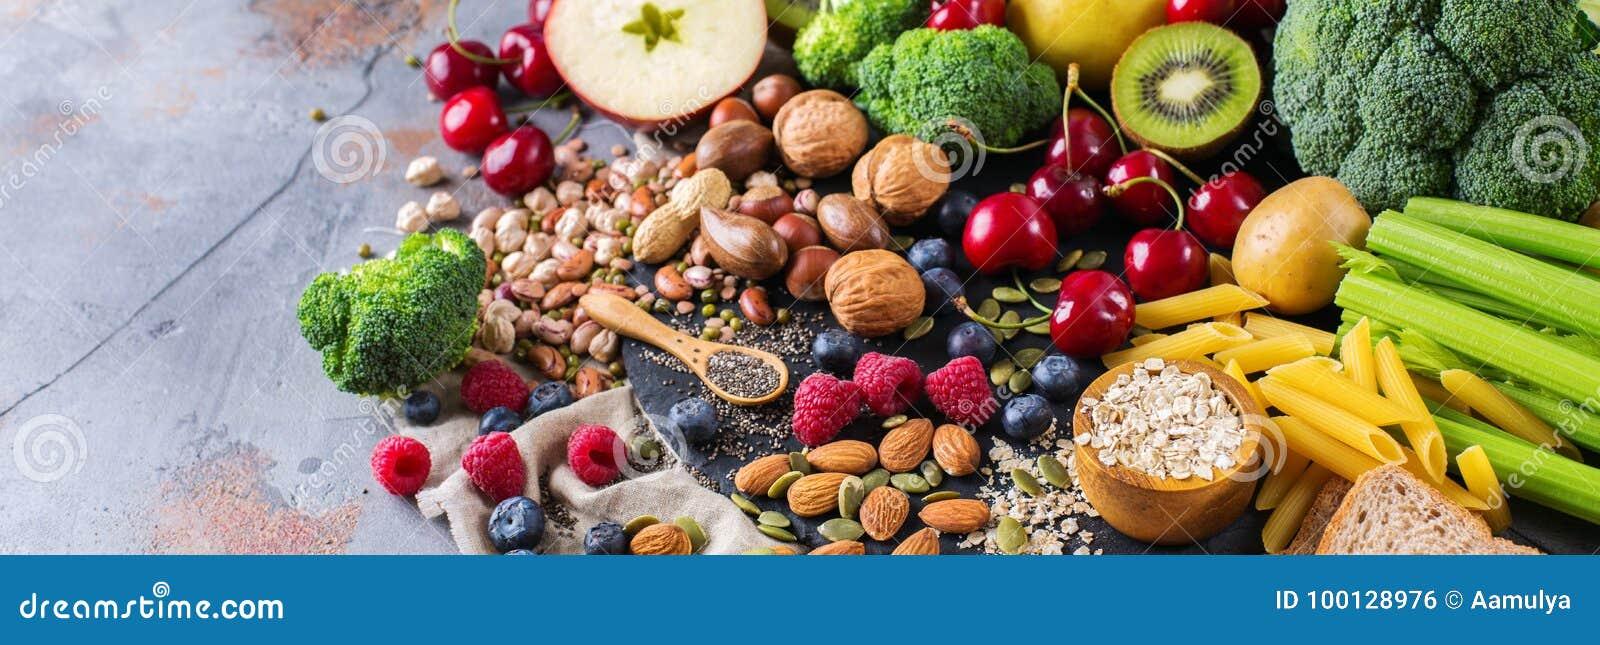 Wybór zdrowy bogaty włókien źródeł weganinu jedzenie dla gotować